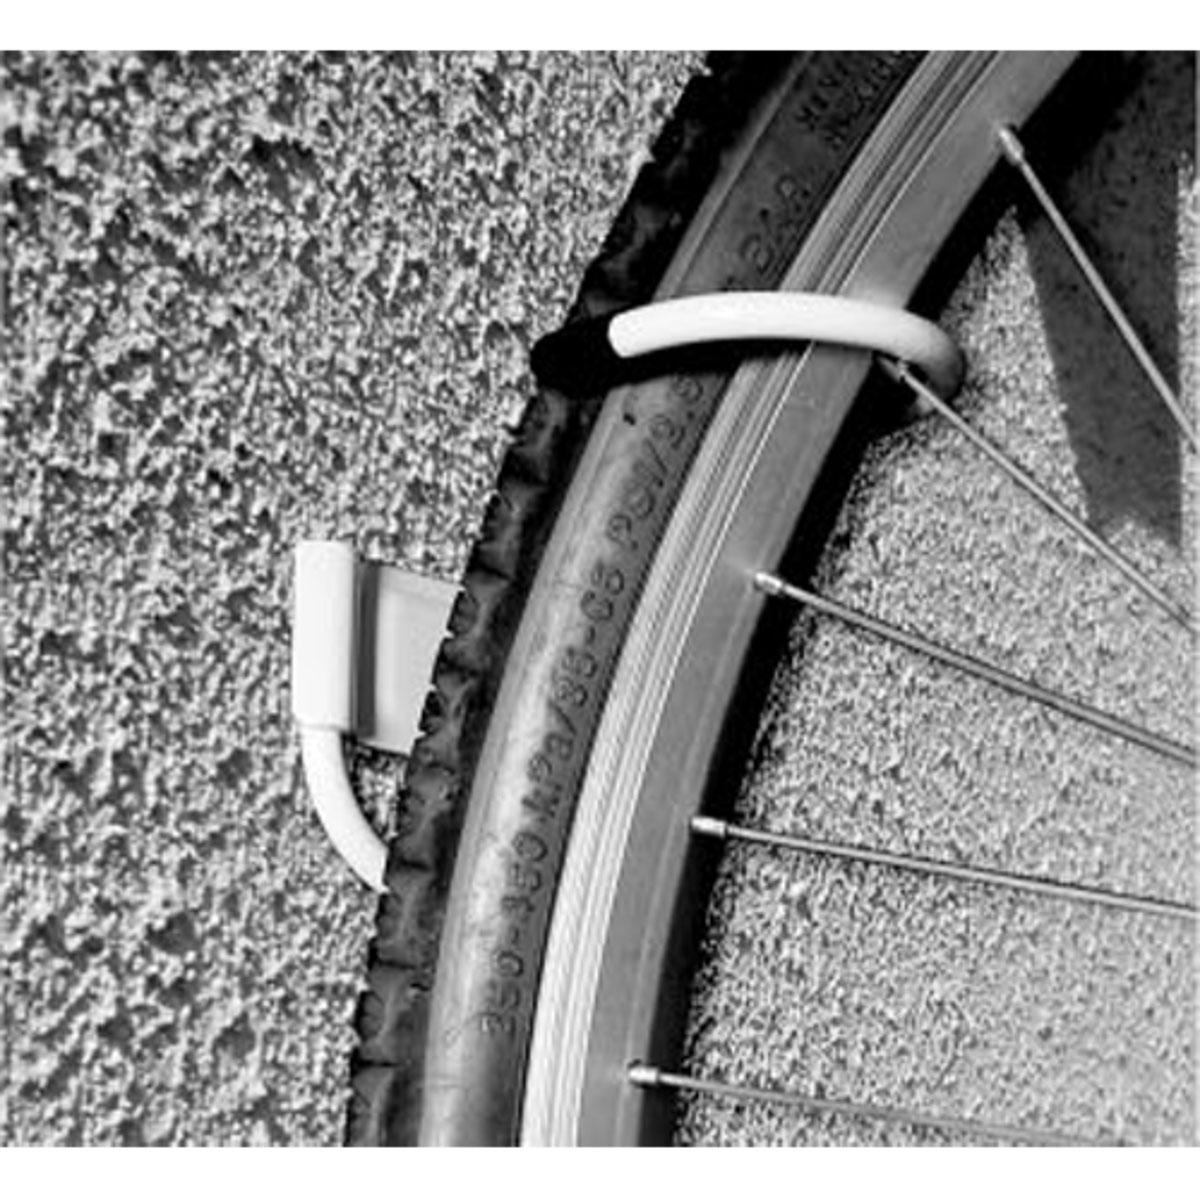 Подвес велосипедный МастерПроф, металлический, цвет: белыйТ58473Максимальная нагрузка 27 кг. Вертикальное хранение экономит пространство.Крепёж в комплекте. Цвет: Белый.